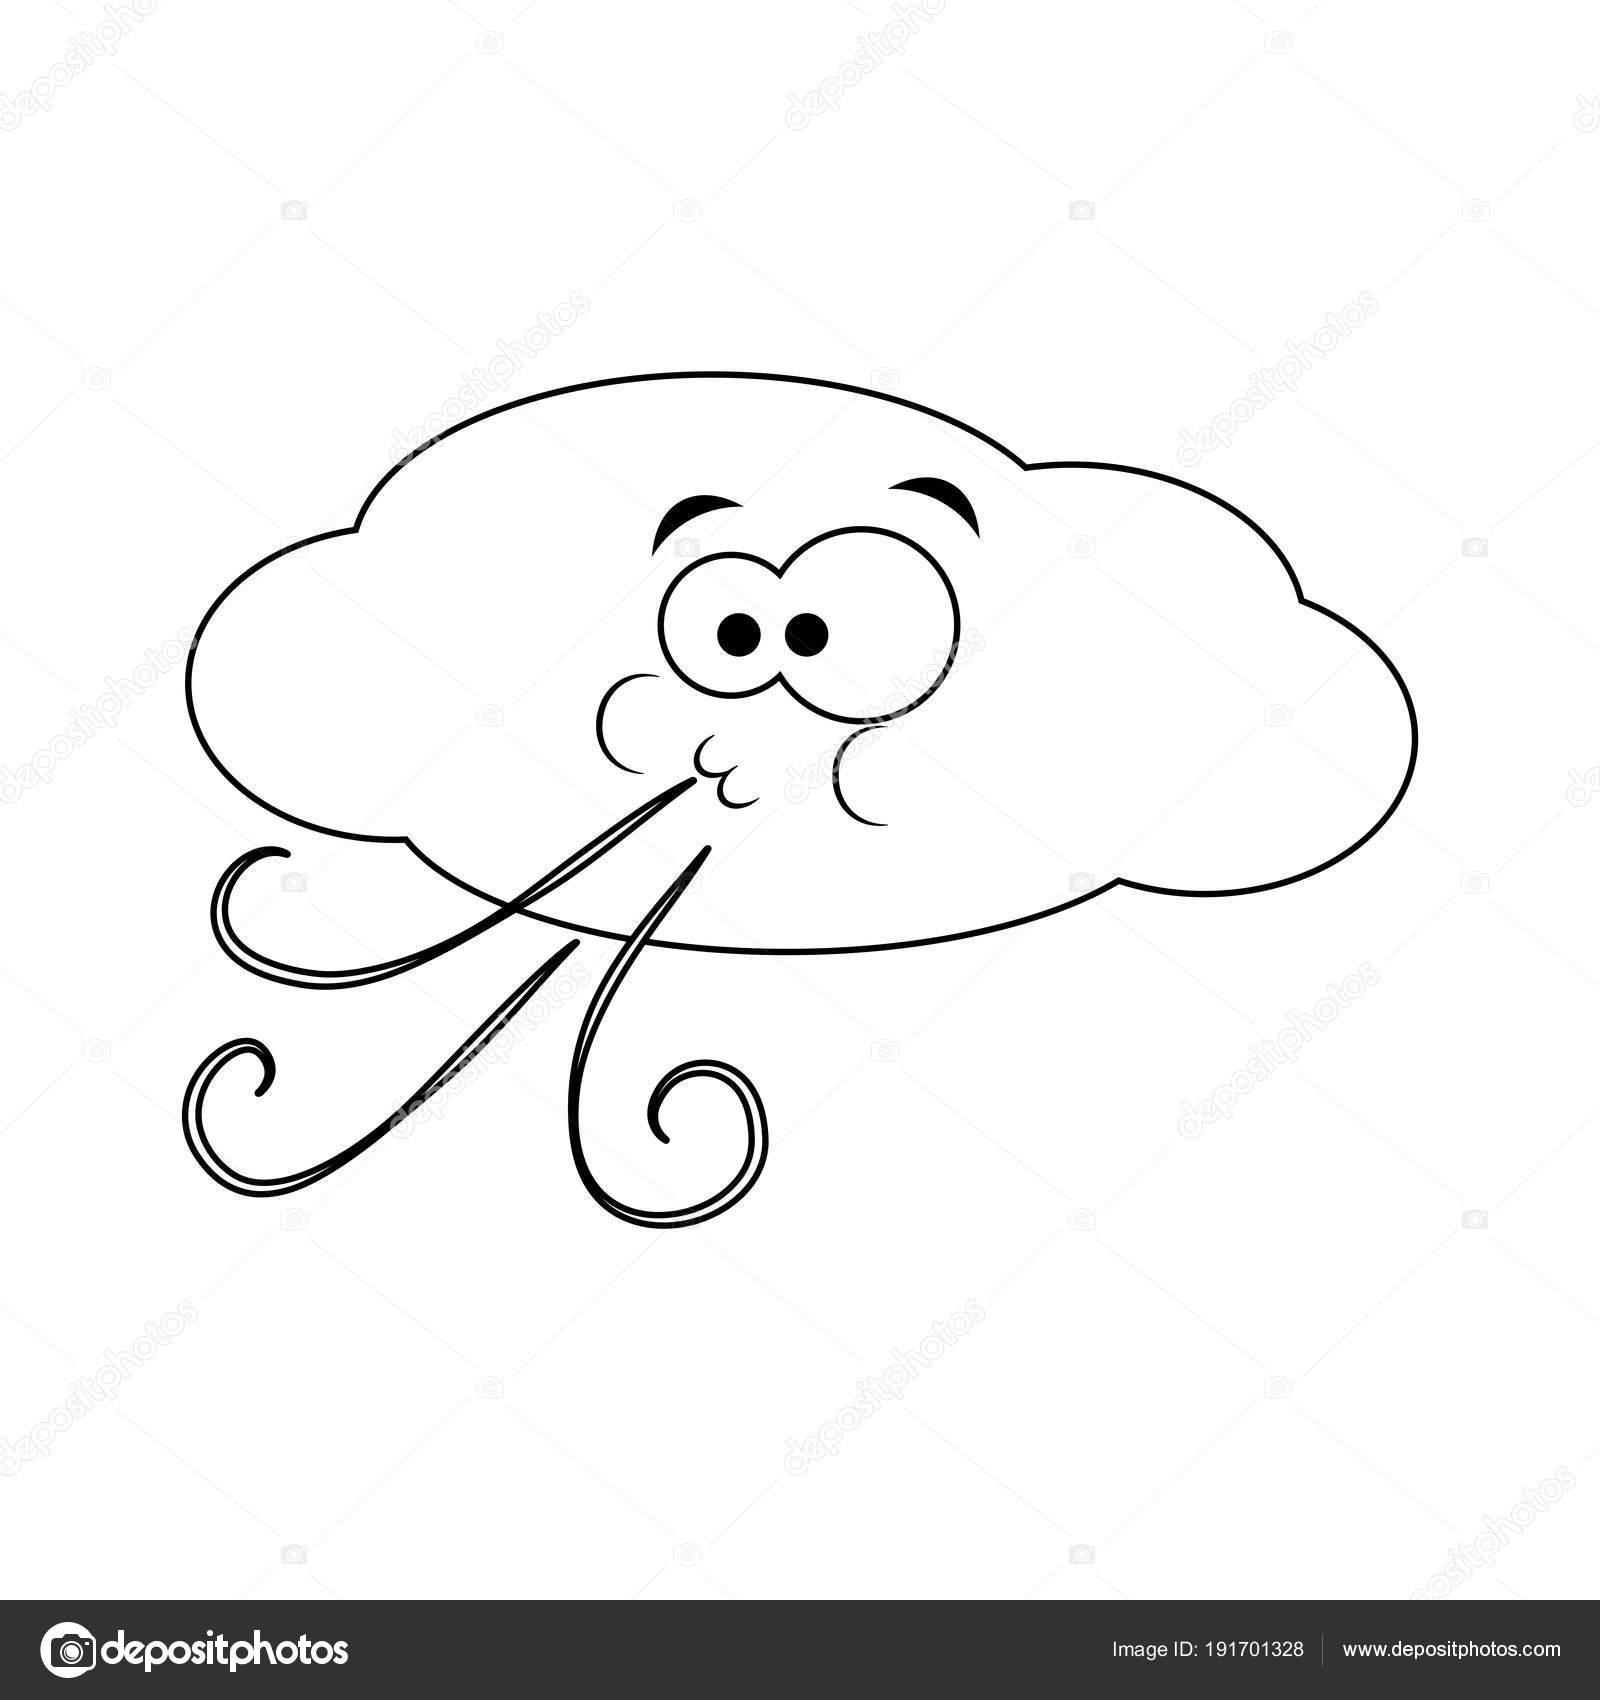 nuvem de desenho animado incolor sopra o vento ilustração em vetor